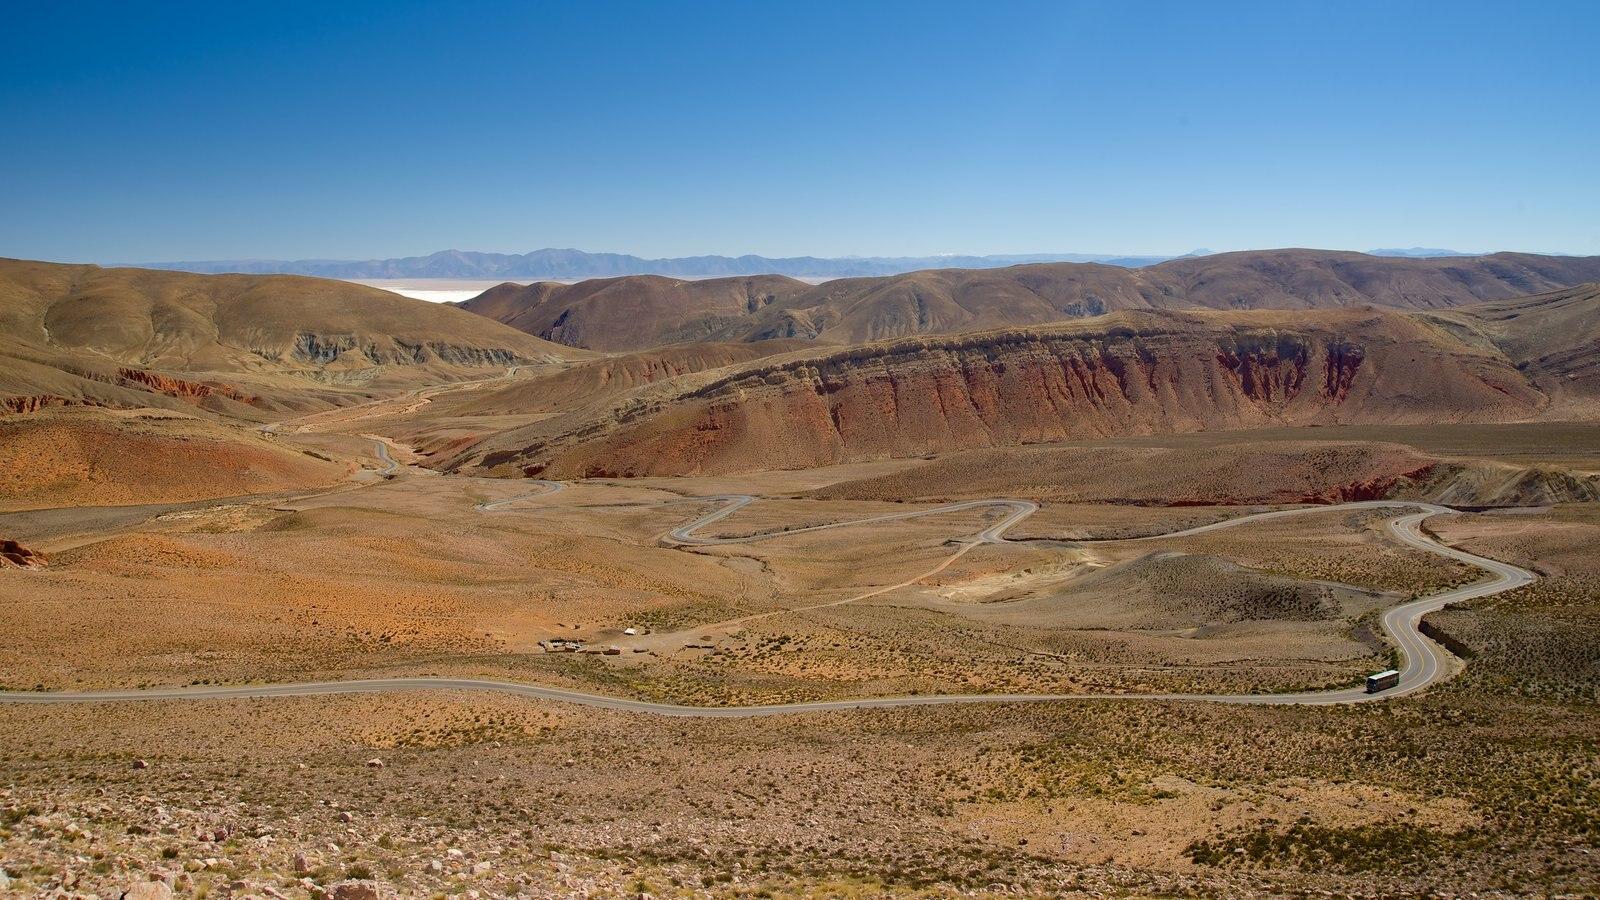 Jujuy que inclui montanhas e paisagens do deserto